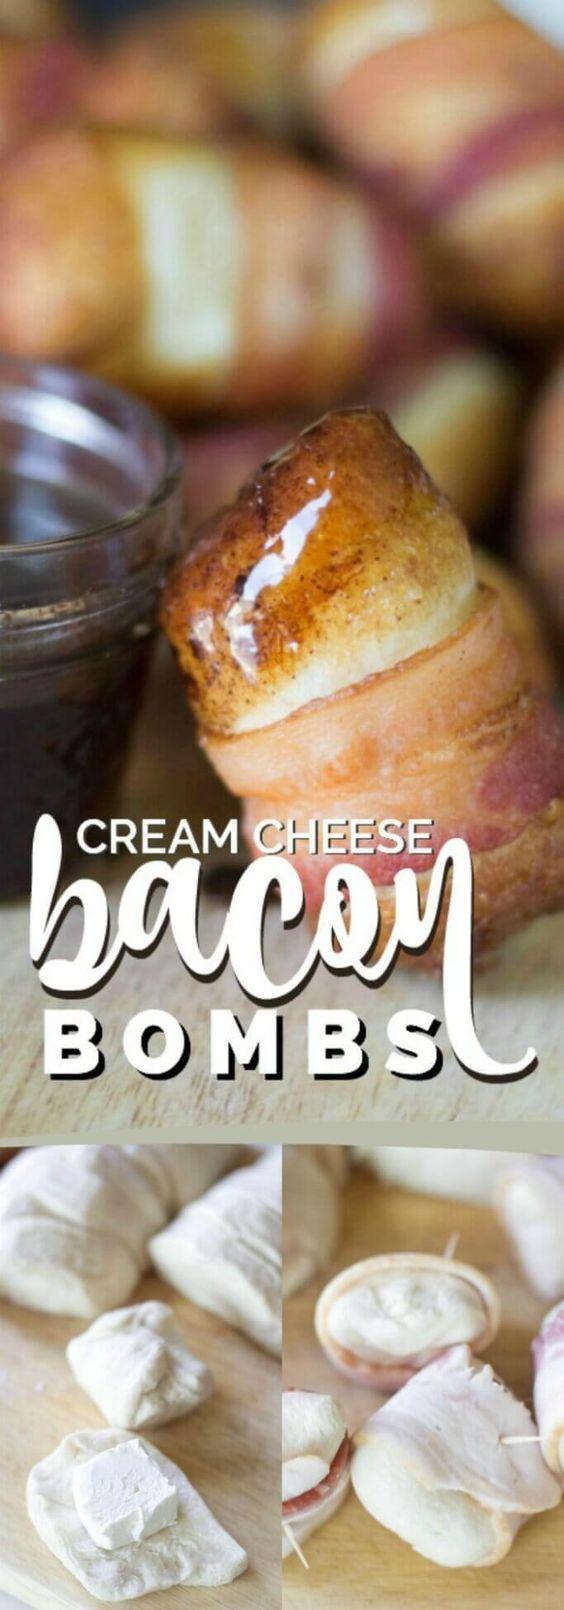 Cream Cheese Bacon Bombs